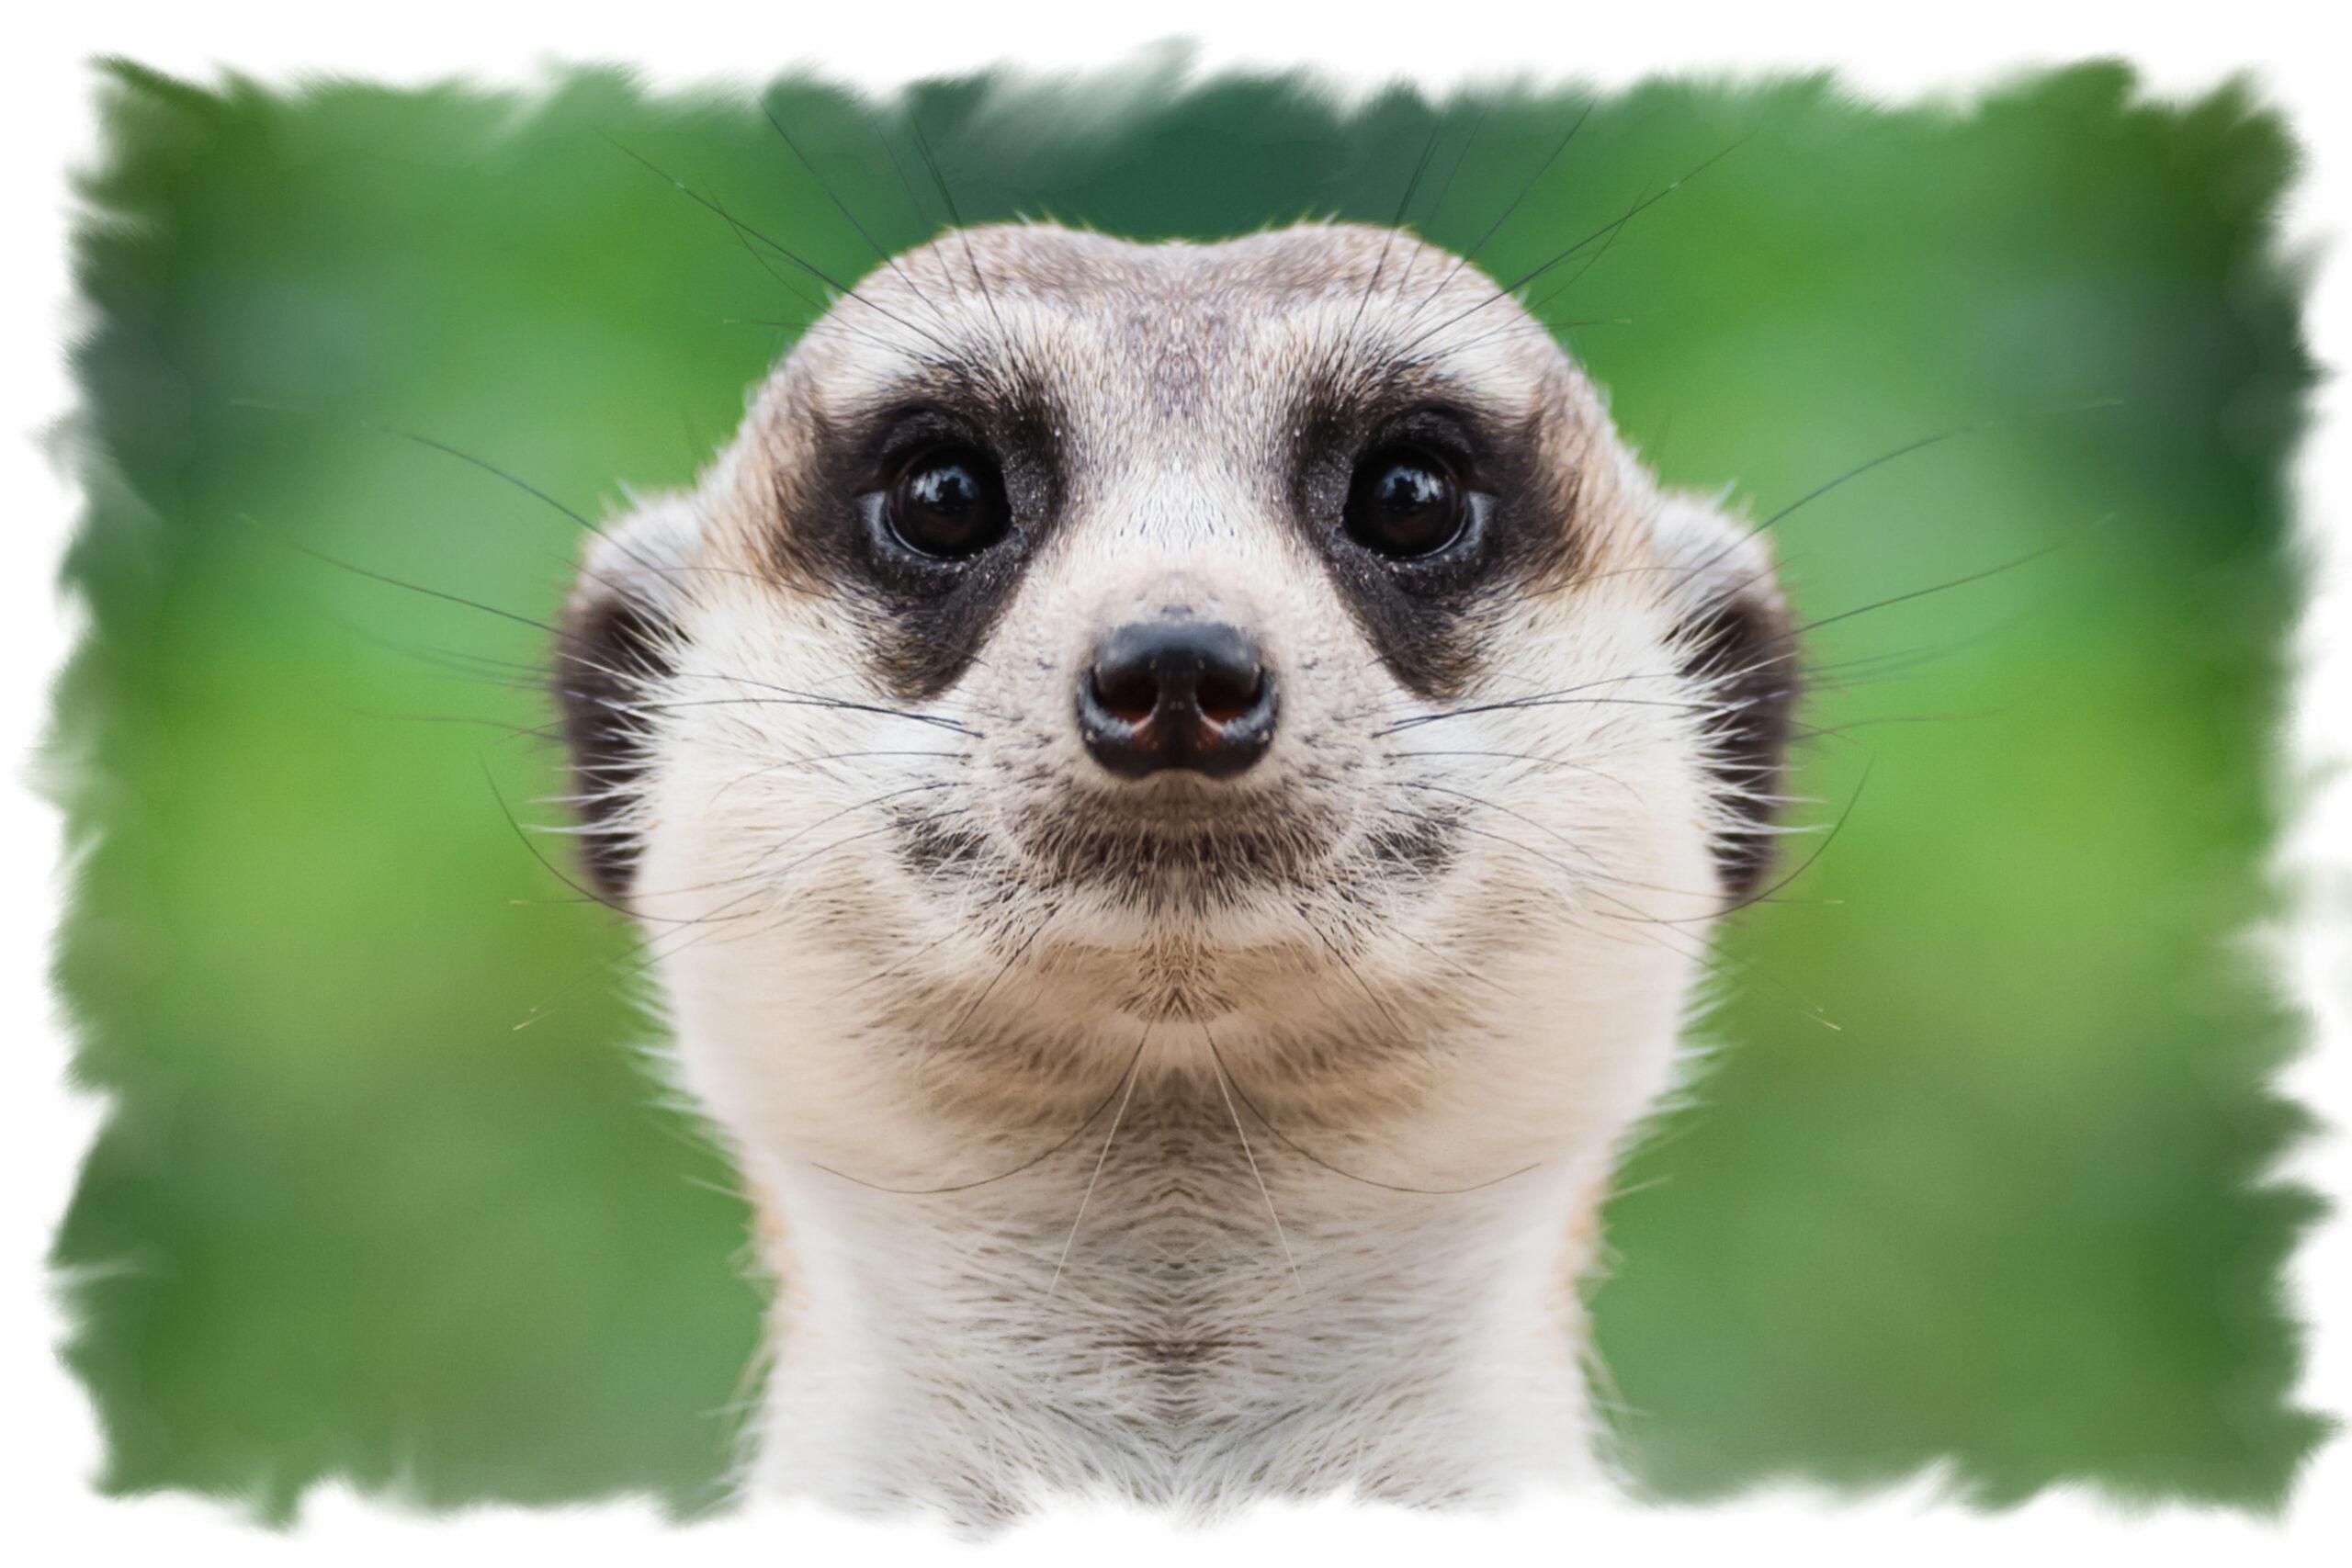 Mimsy Meerkat